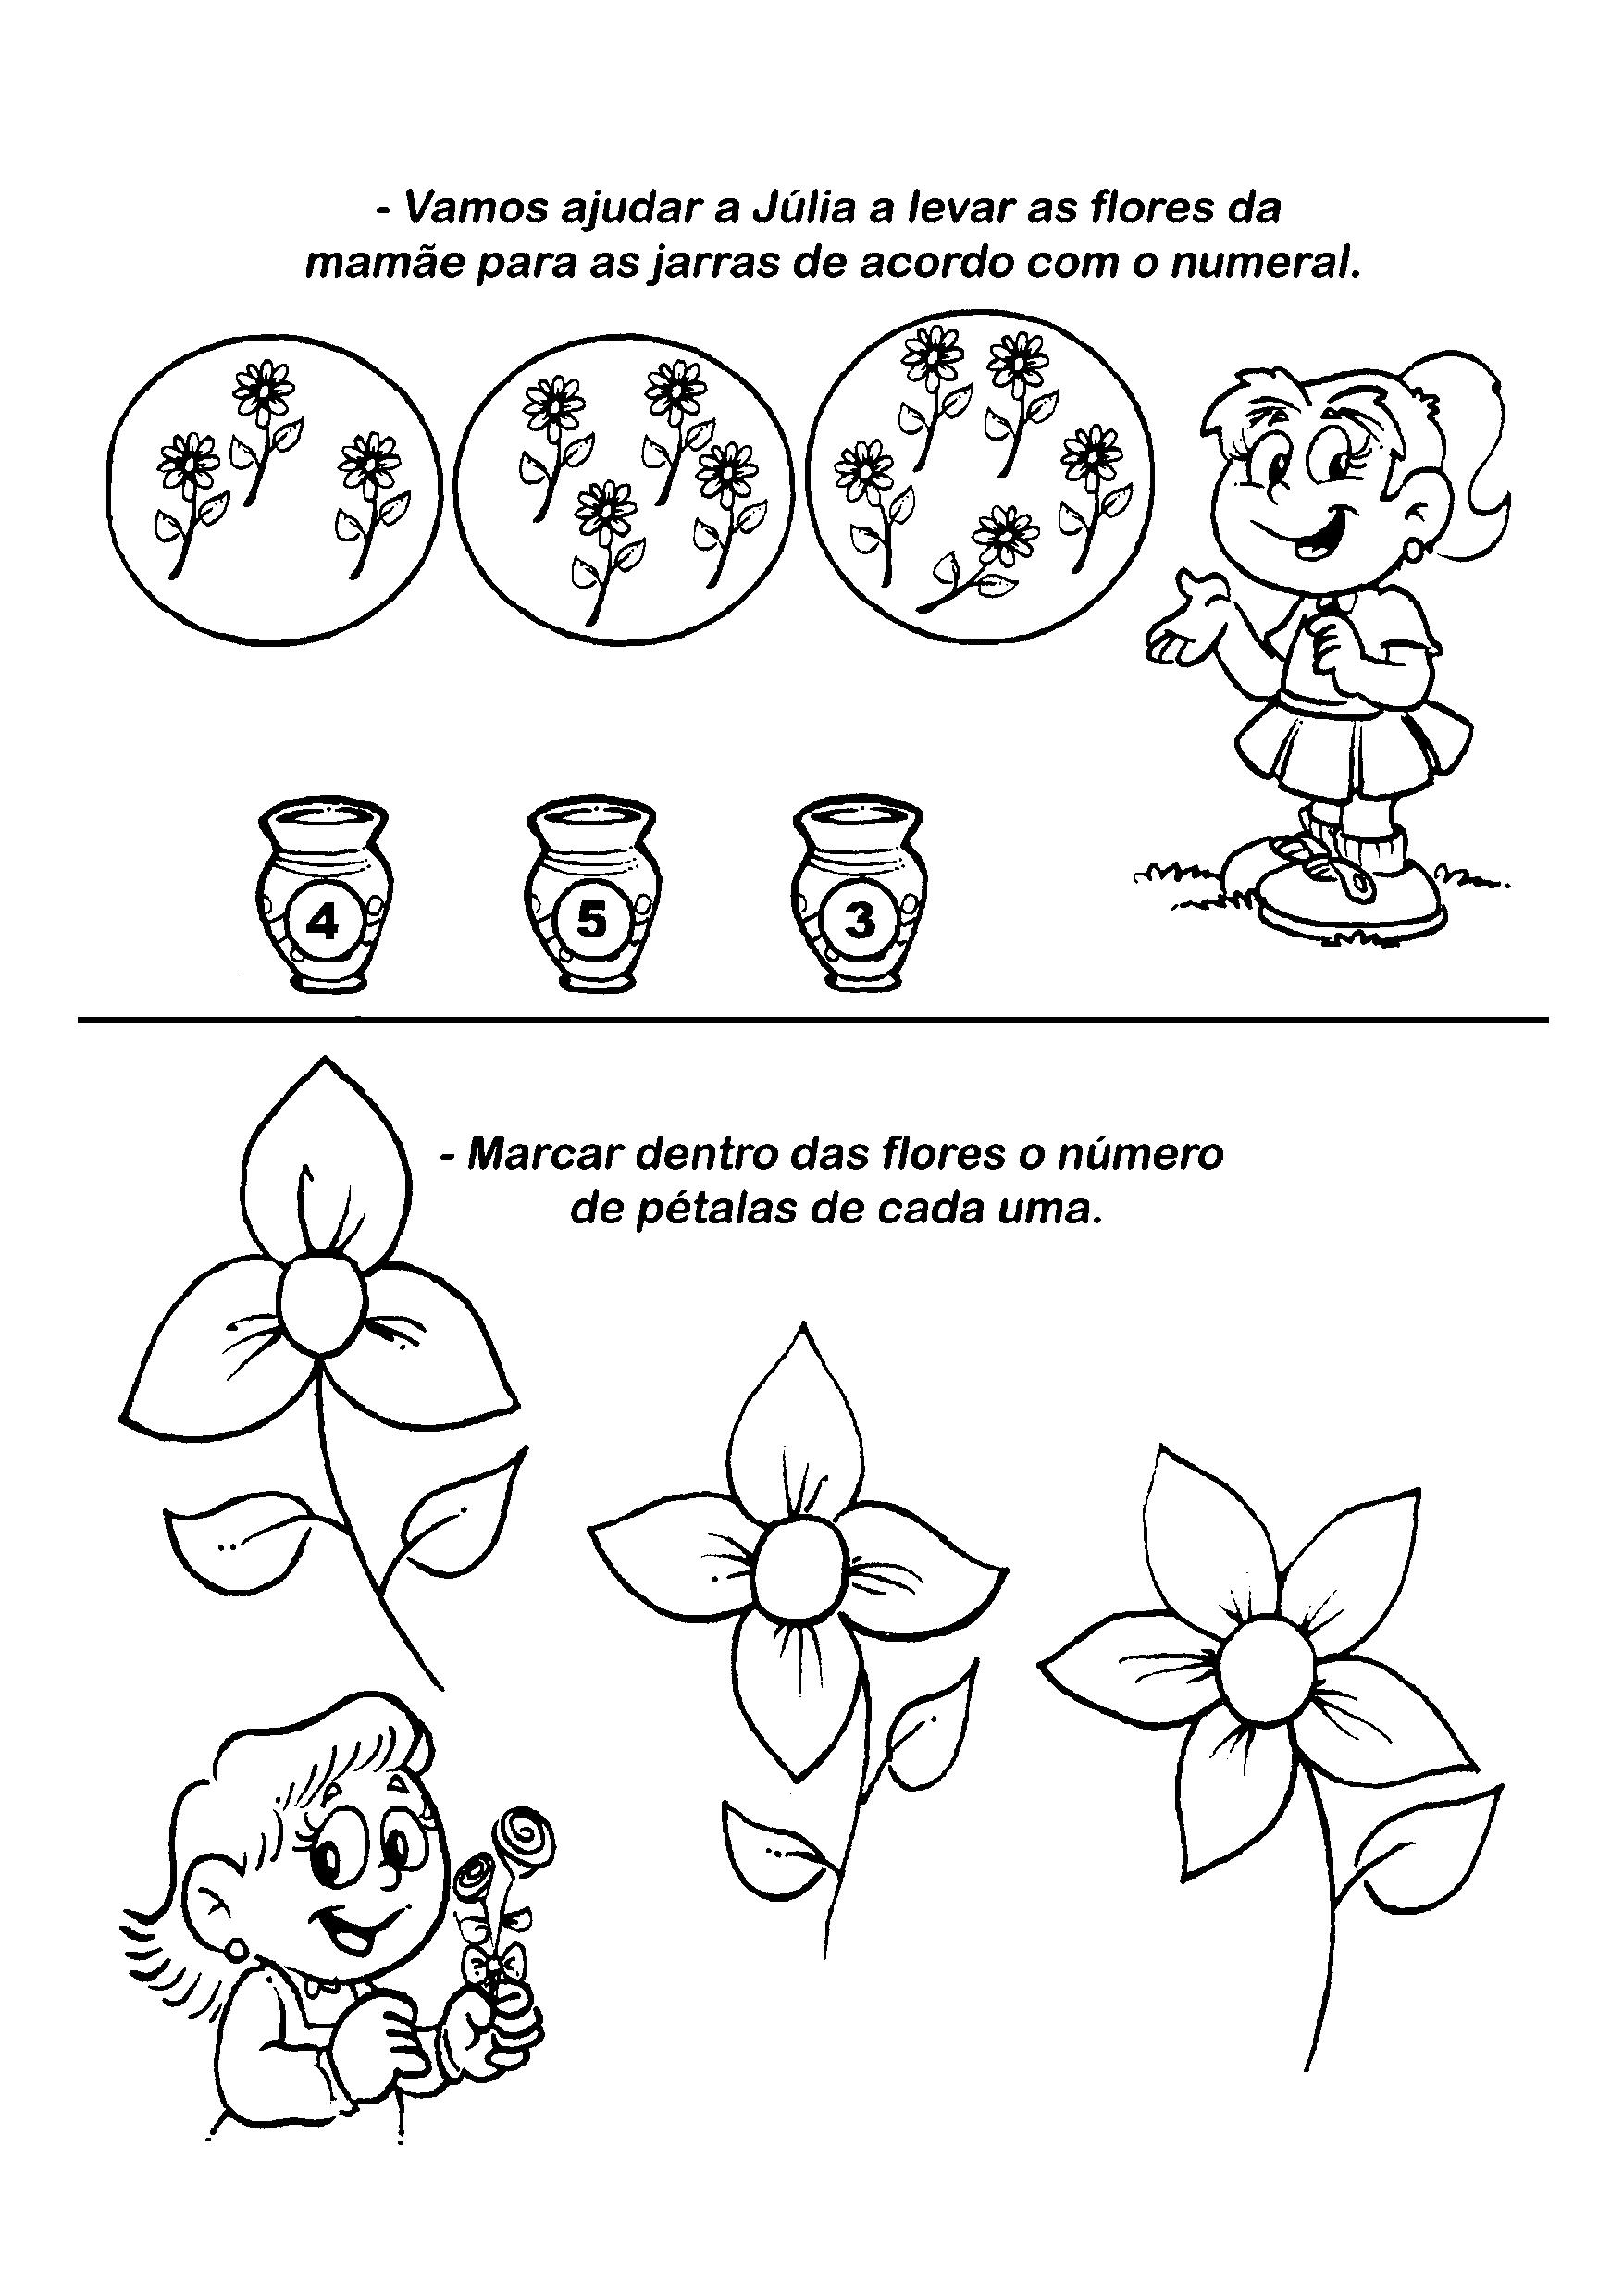 Atividde com numerais para o dia Das Mães